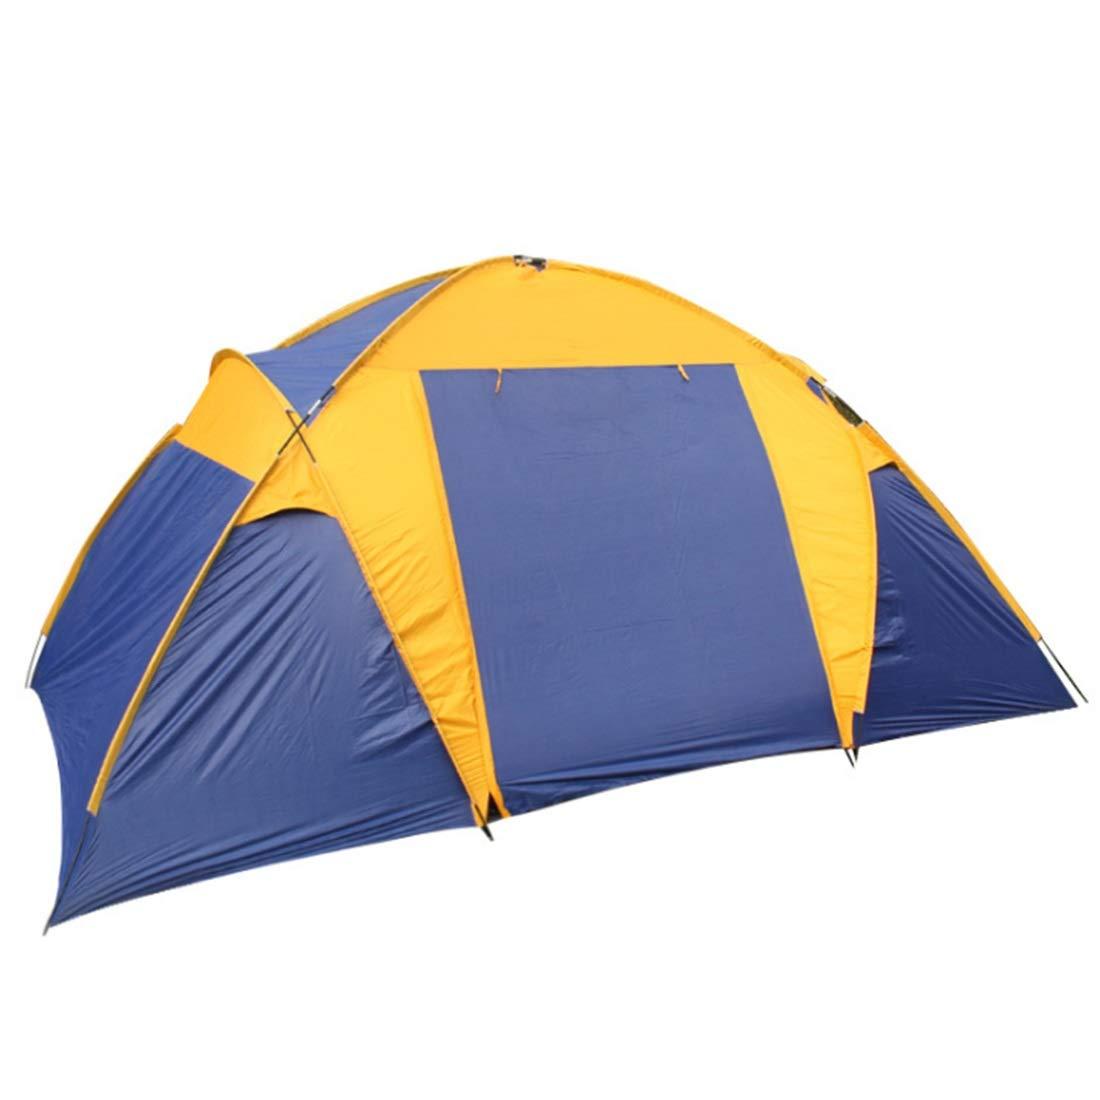 Olprkgdg Outdoor-Zelt für Wilde Camping 5 Personen Zwei Zimmer und EIN Wohnzimmer (Farbe : Blau)